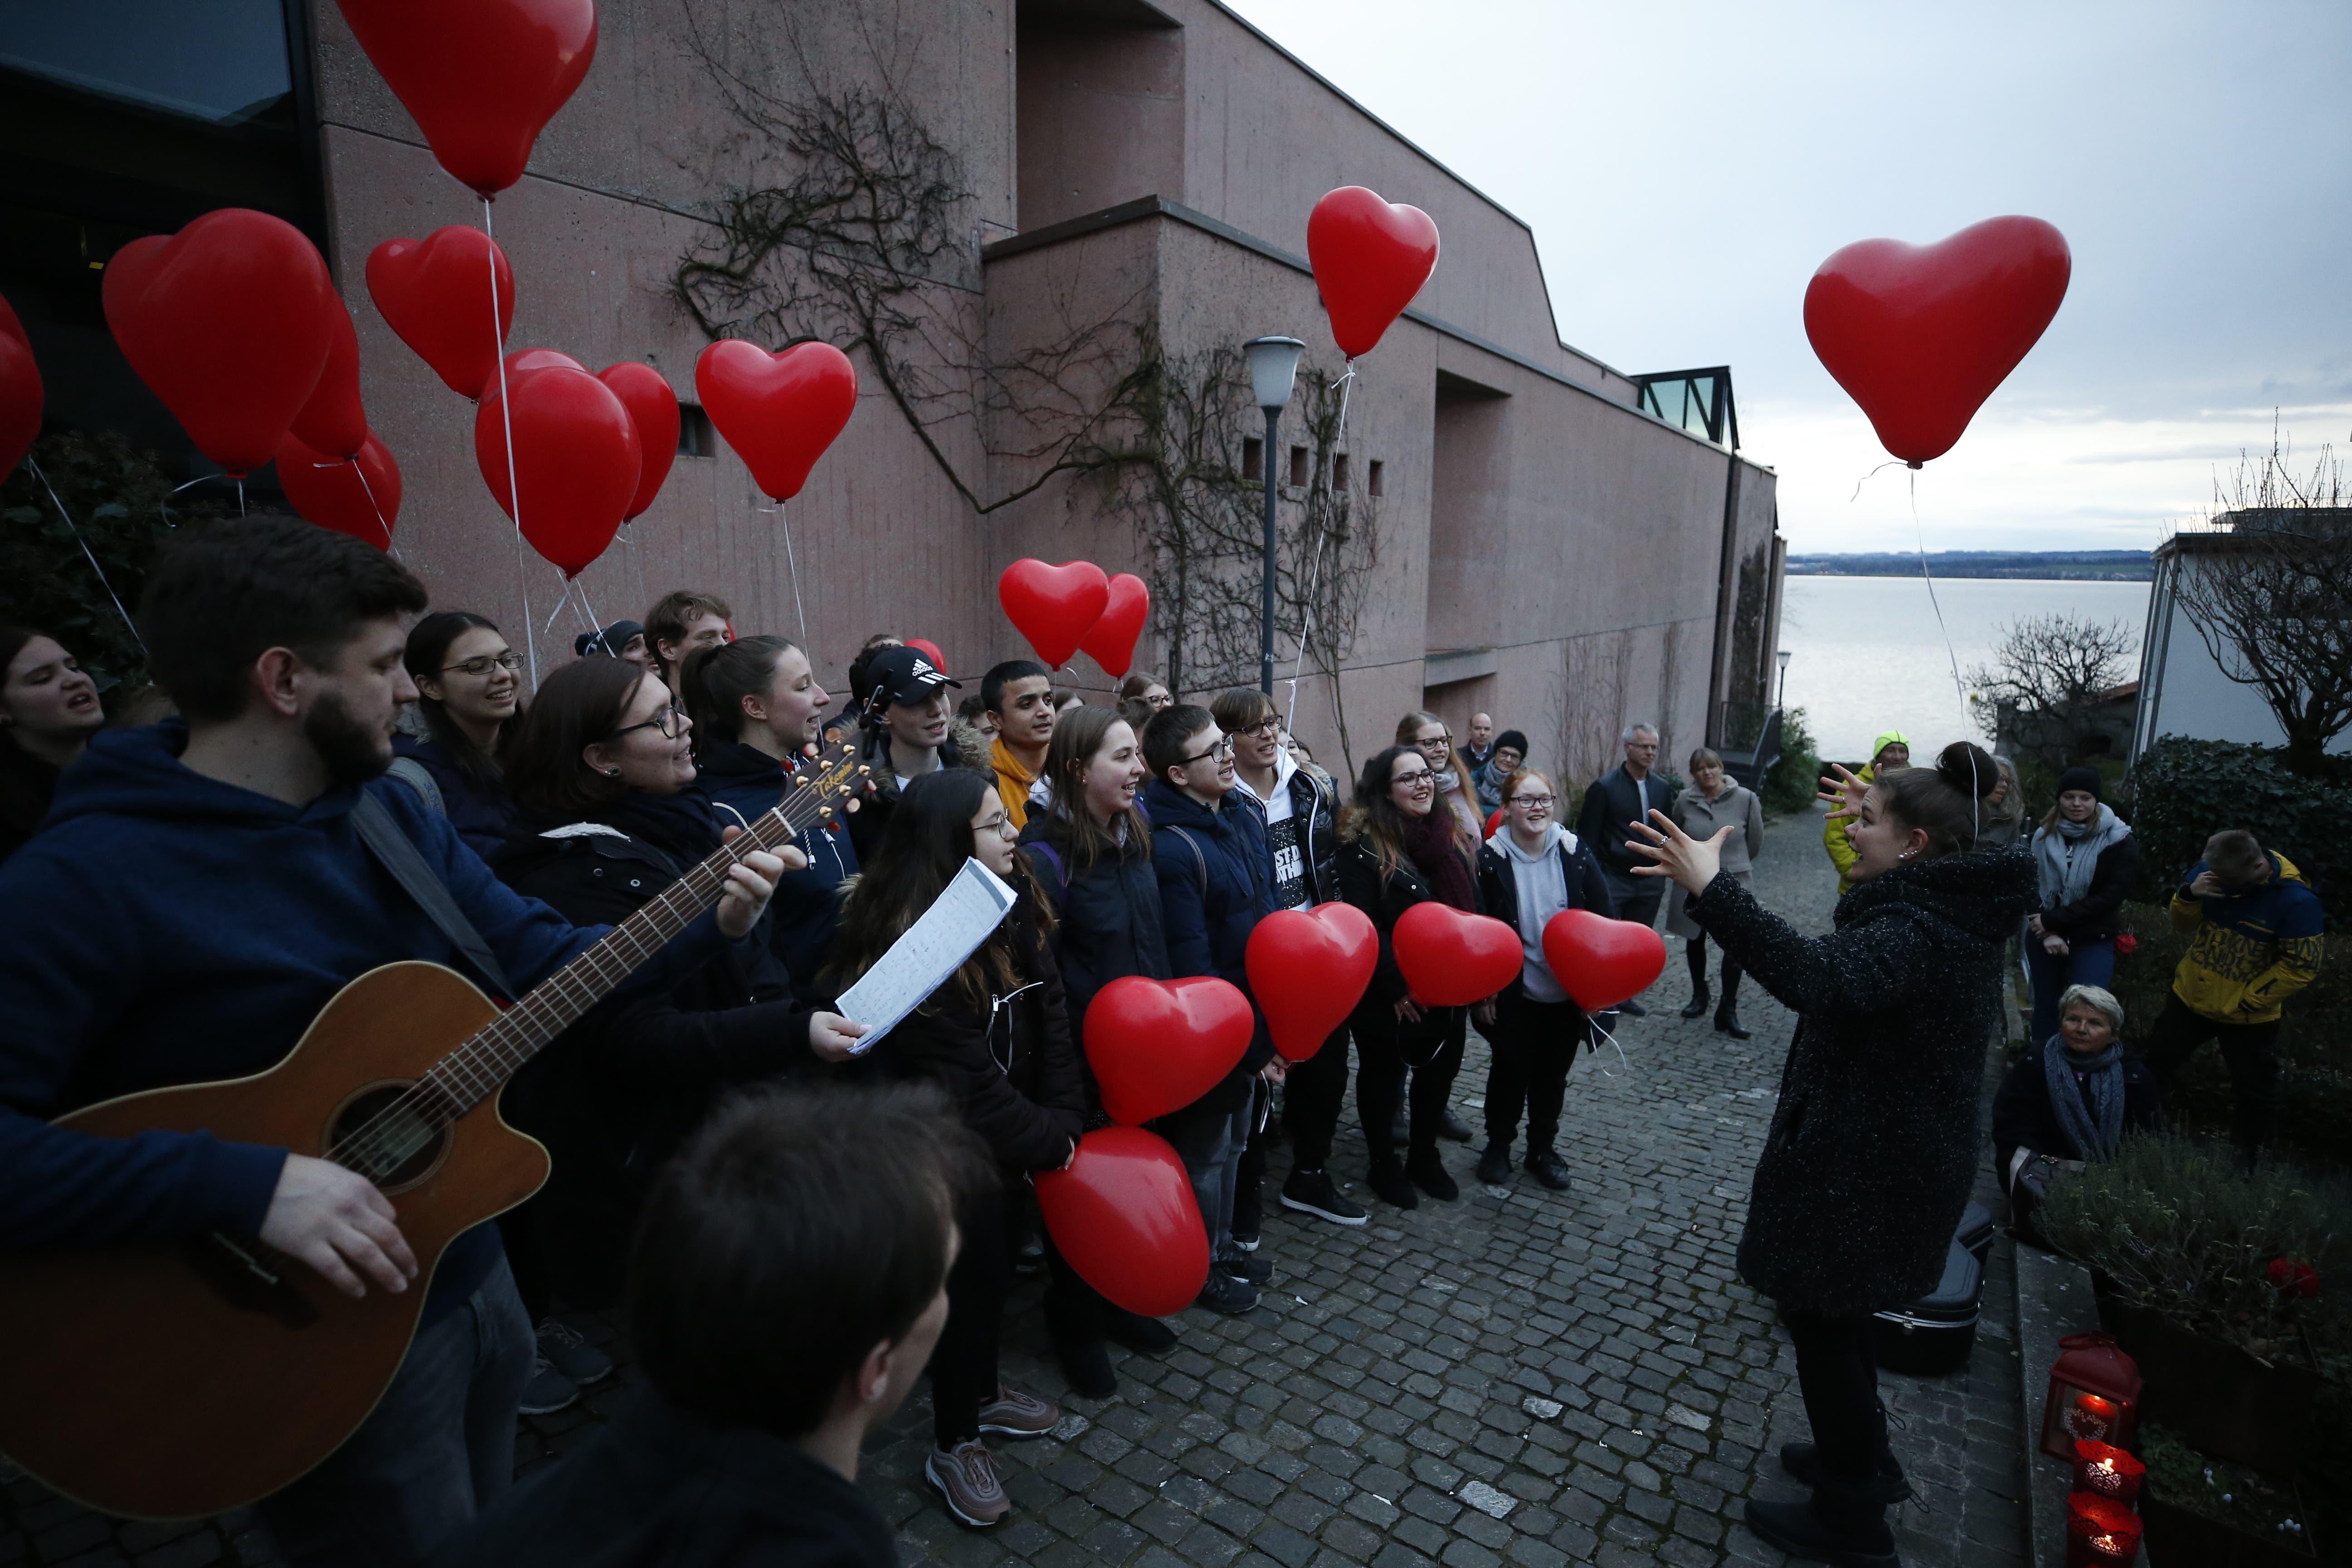 Dieser Chor beim Theater Casino Zug verdeutlicht mithilfe von Ballons, worum es beim Chrööpfelimee geht.